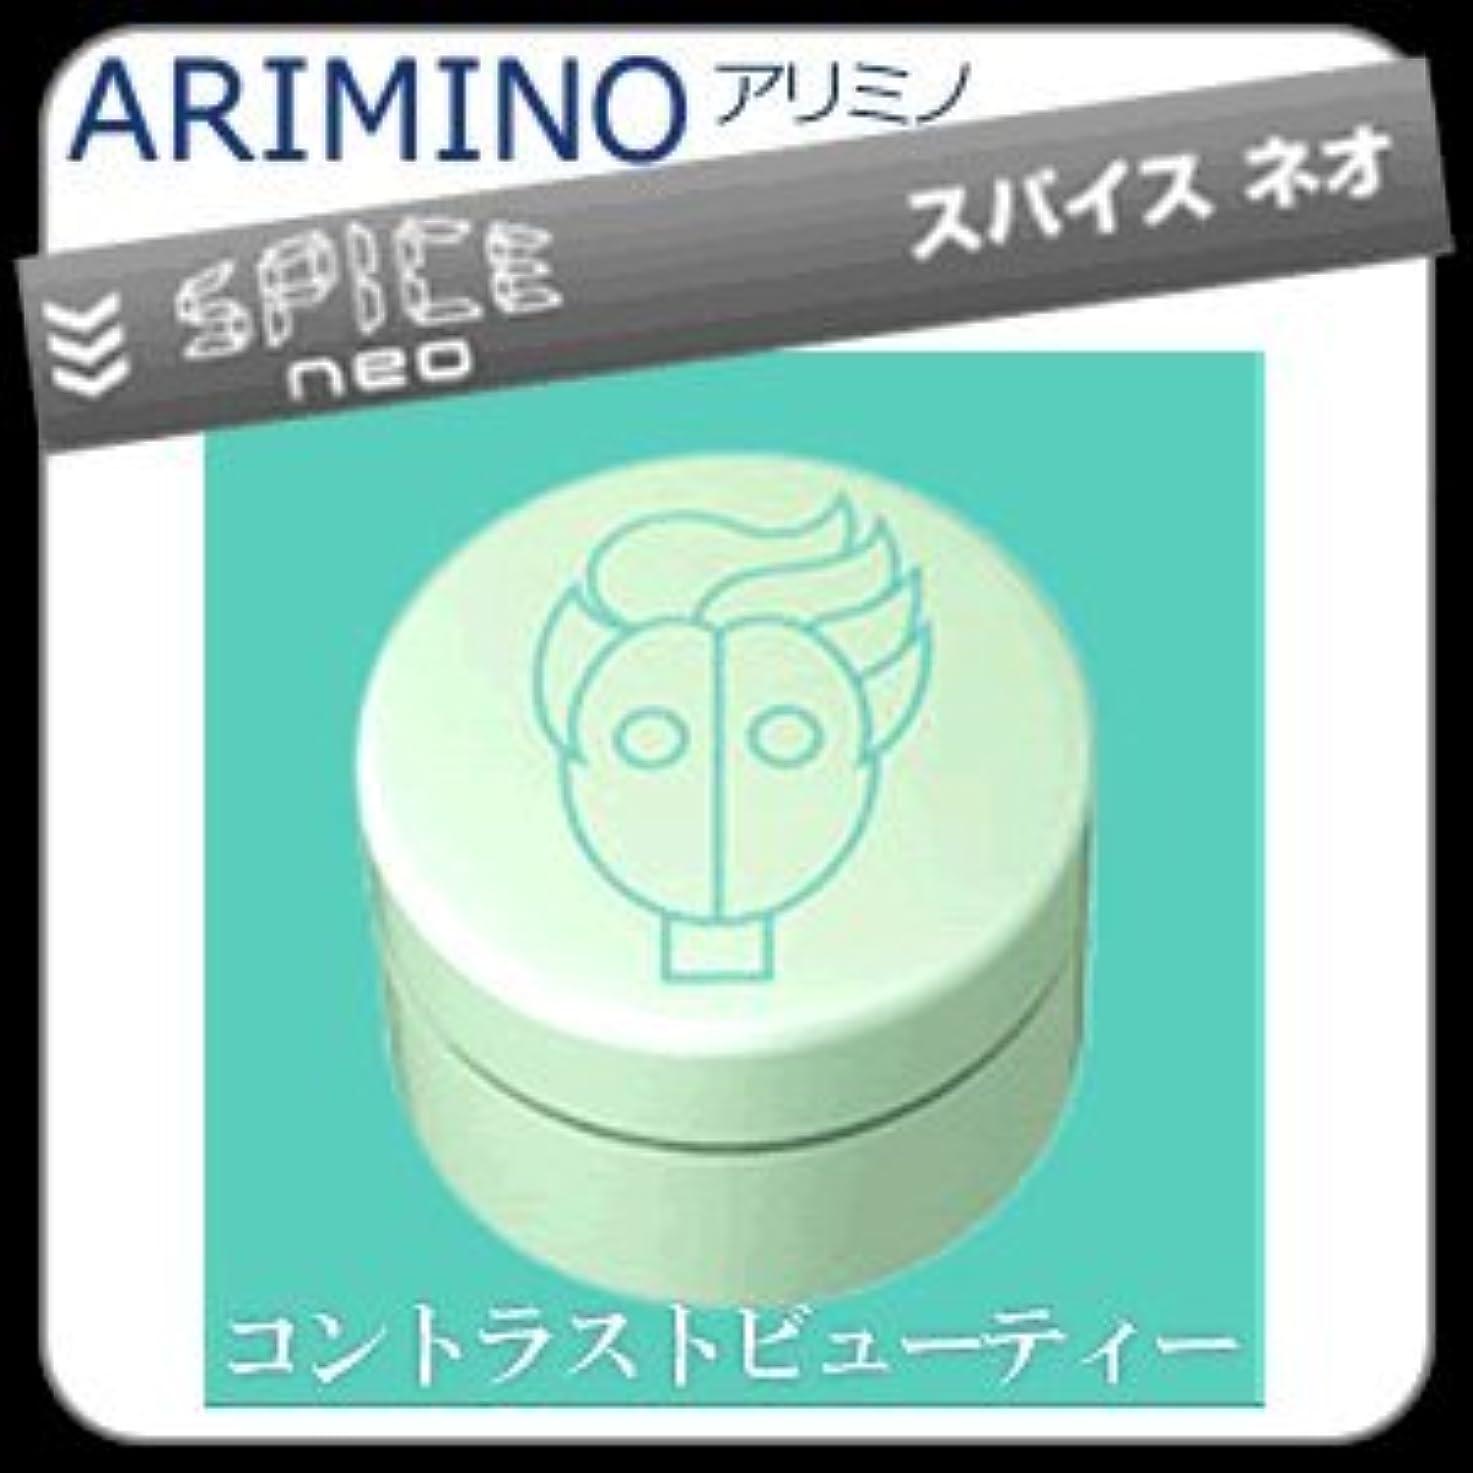 考える広々とした各【X4個セット】 アリミノ スパイスネオ GREASE-WAX グリースワックス 100g ARIMINO SPICE neo